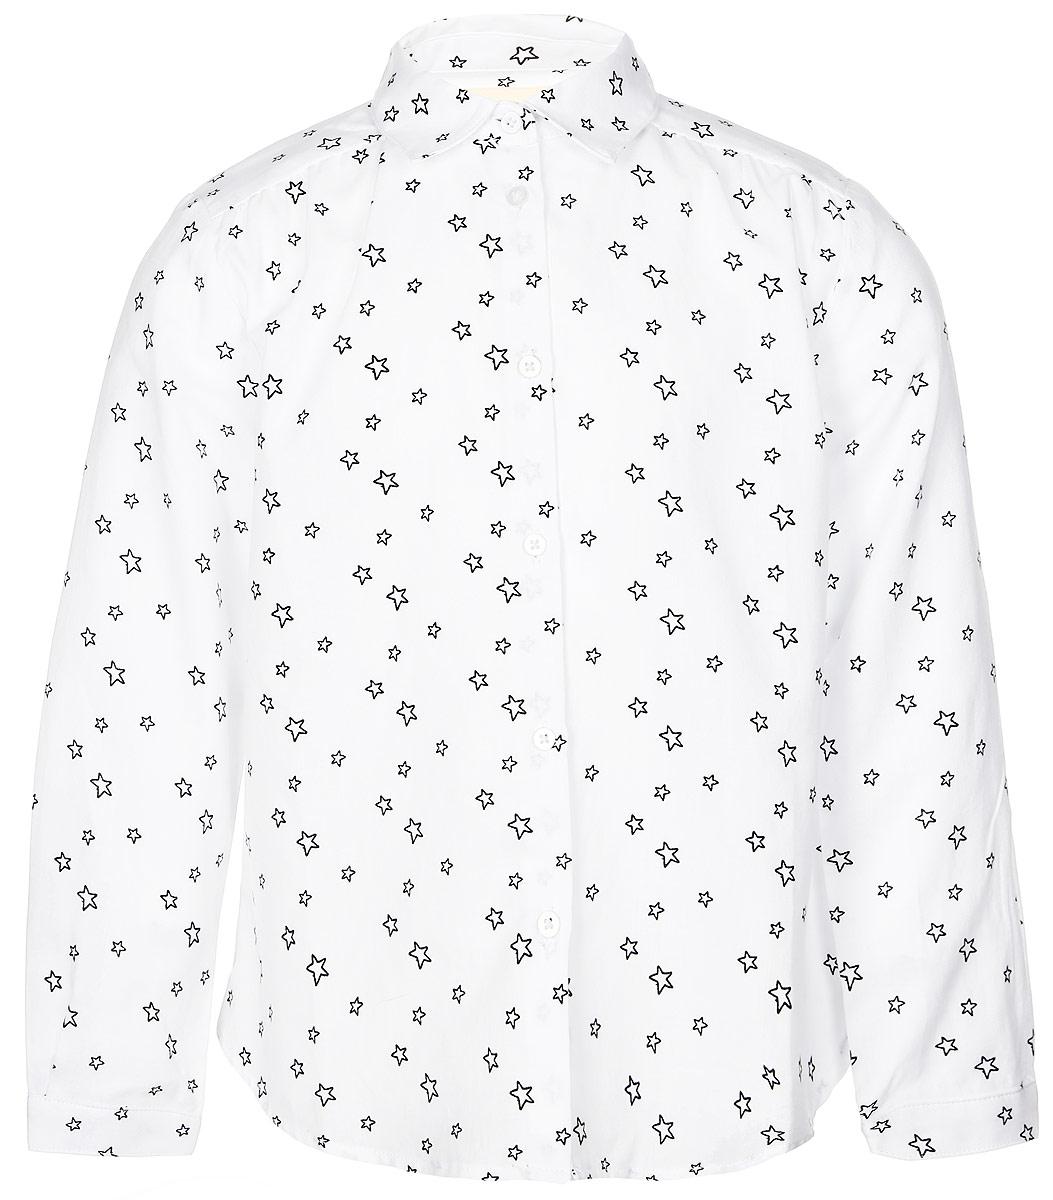 Рубашка216BBGC22010201Стильная рубашка Button Blue выполнена из натурального 100% хлопка. Модель свободного трапециевидного кроя с длинными рукавами и отложным воротником застегивается на пуговицы по всей длине и оформлена оригинальным звездным принтом. На манжетах предусмотрены застежки-пуговицы. Спинка немного удлинена.